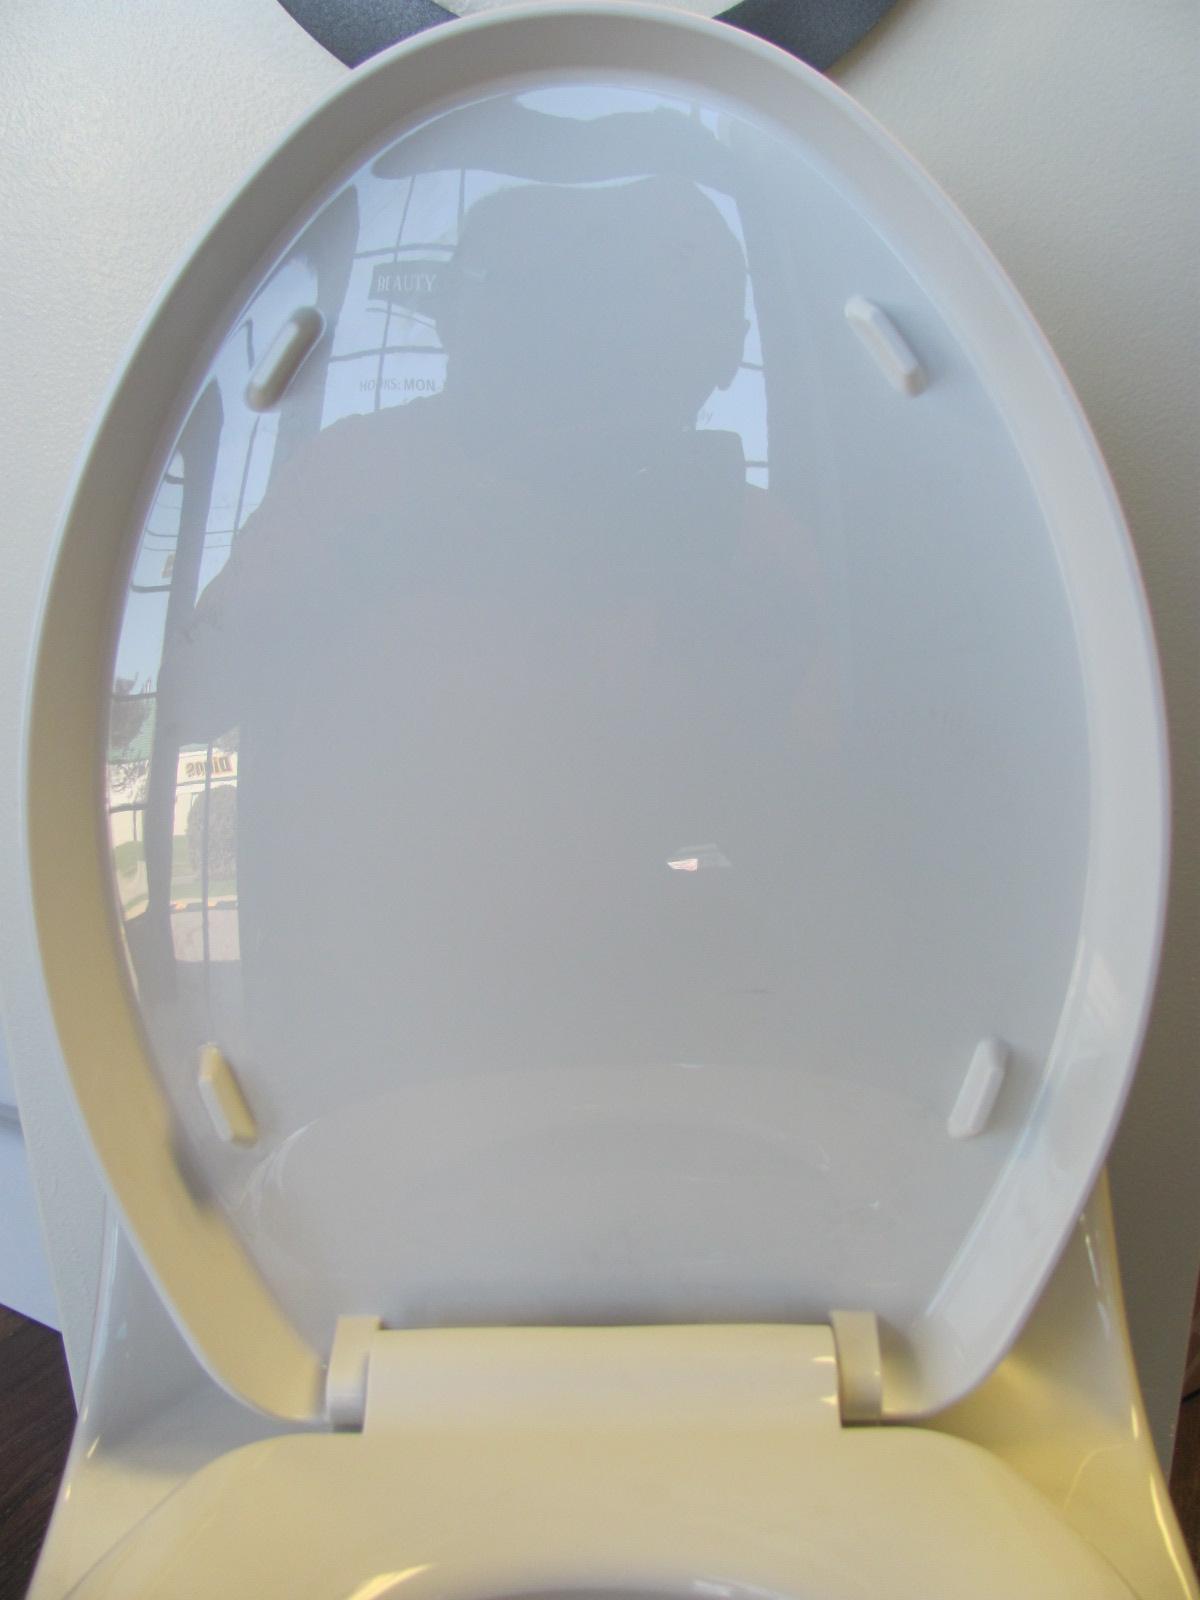 Toilet seat for Eago TB133 toilet